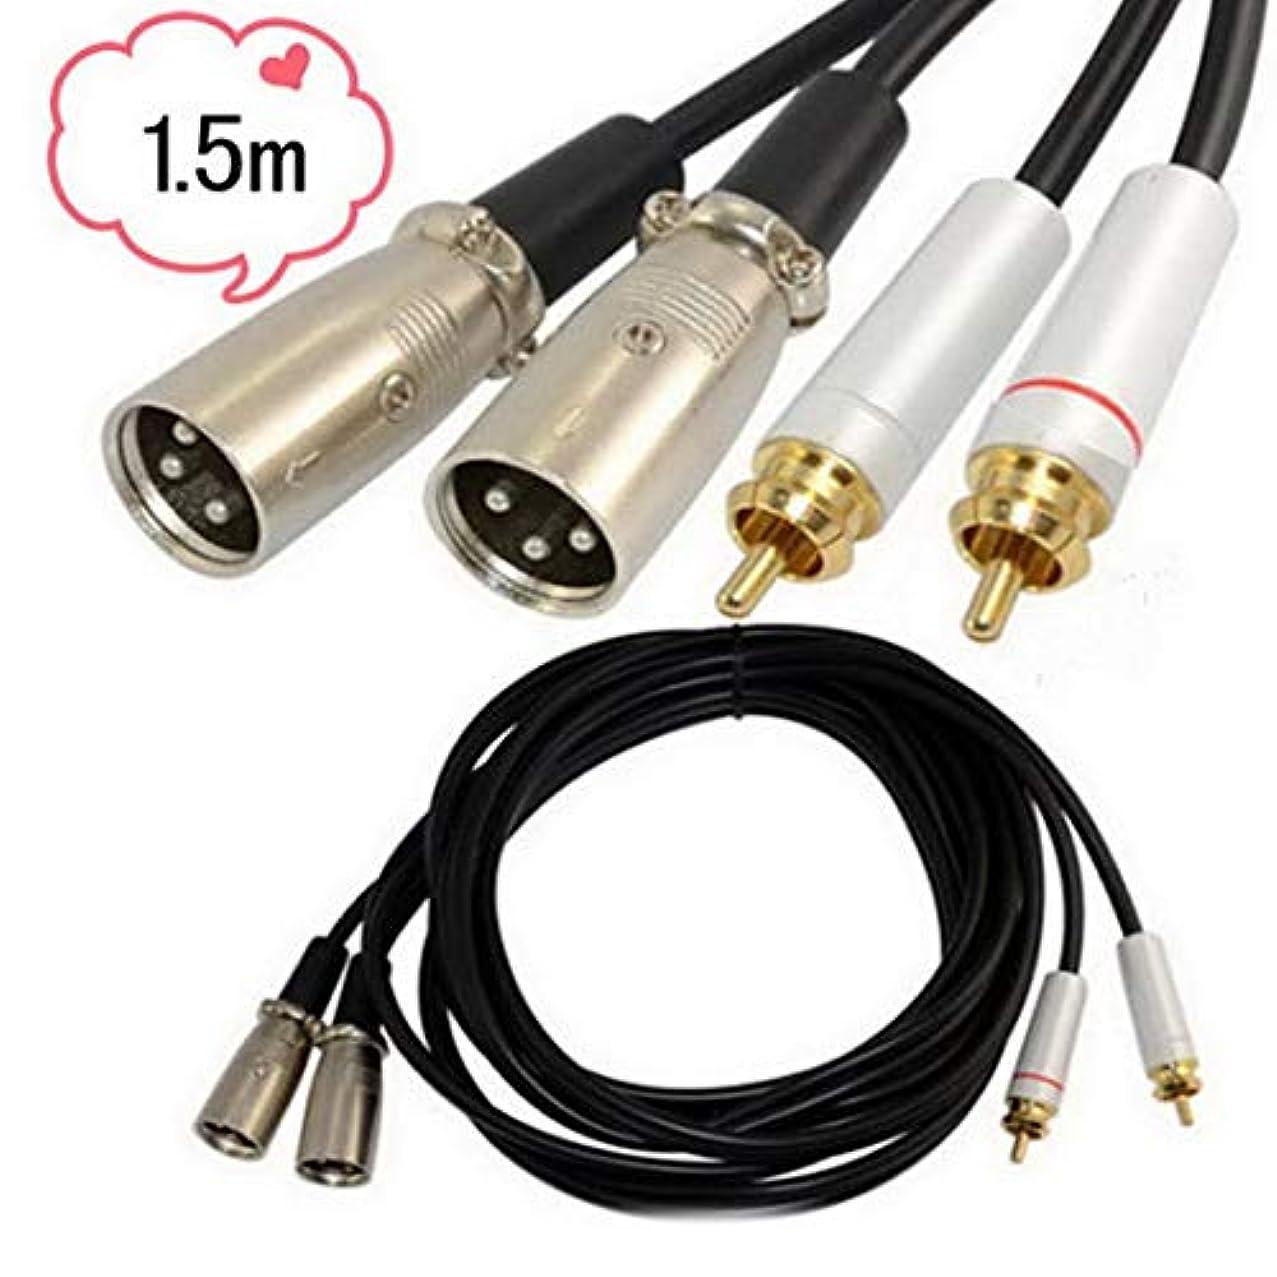 ポジティブサークル用心するデュアルRCA to XLRオスケーブル2 XLR 変換 2 RCA 1.5m 3mフォノプラグステレオオーディオ接続マイクケーブルワイヤーコードパスケーブル